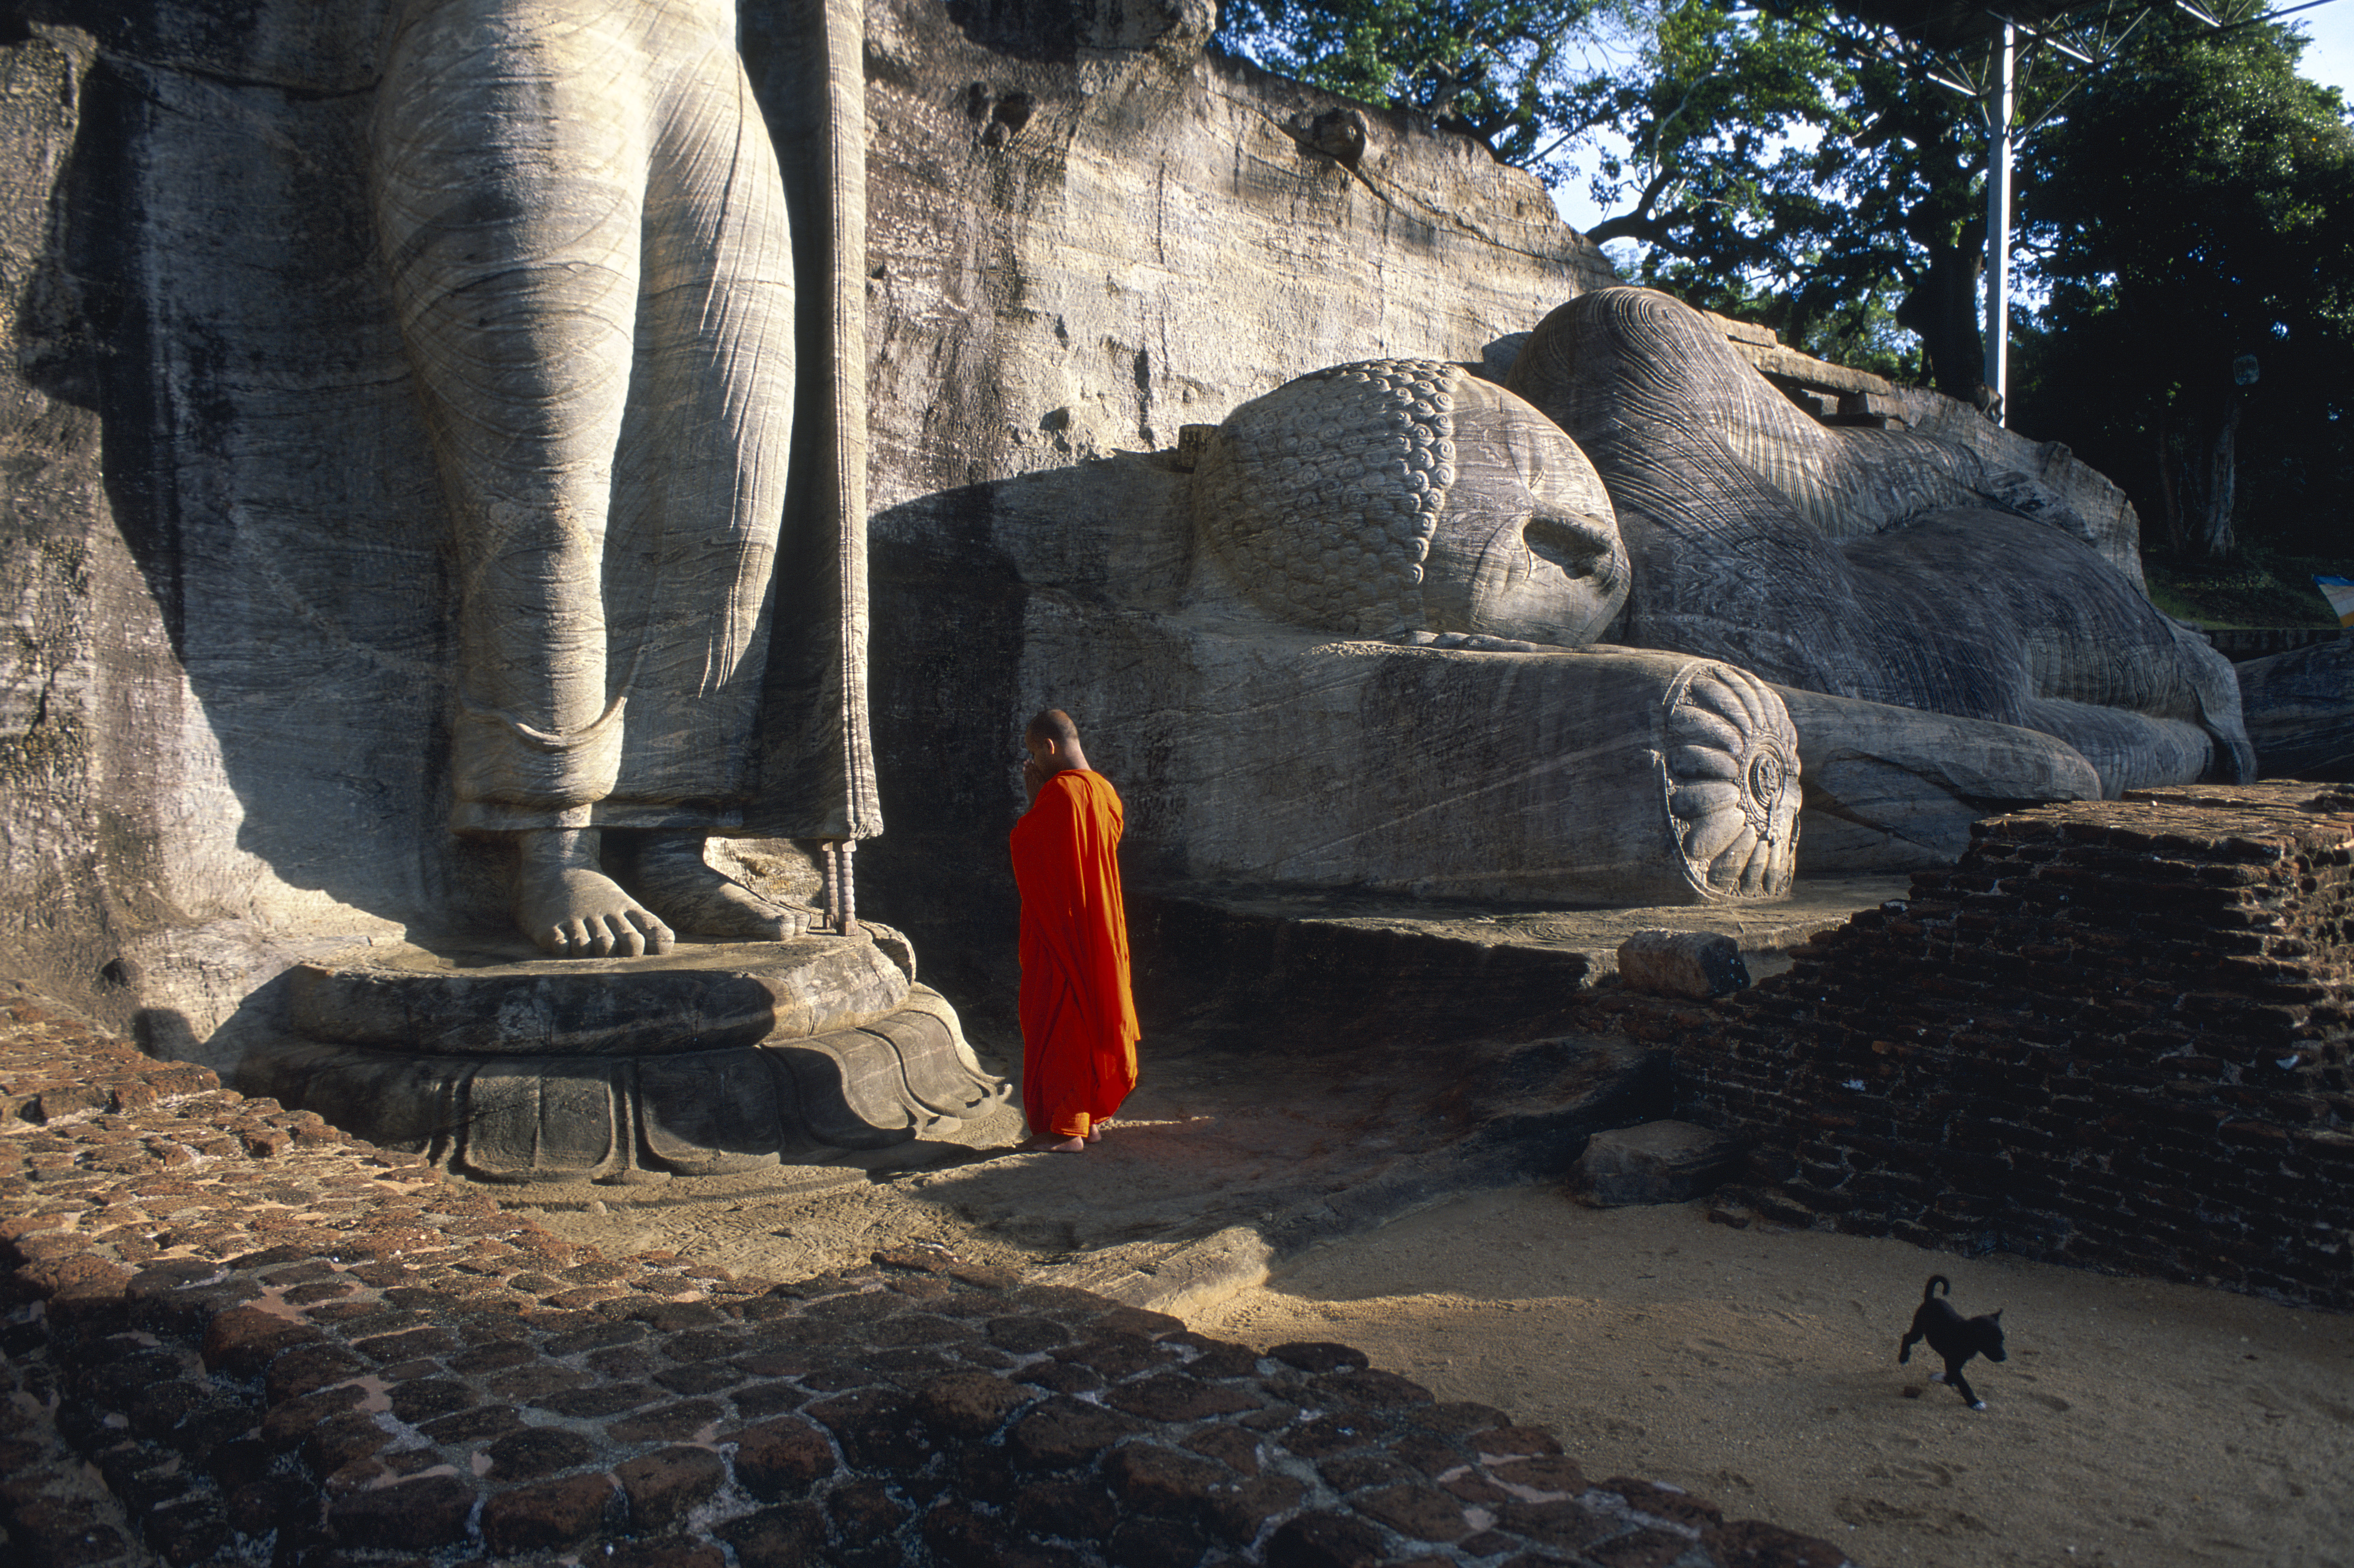 Sri Lanka. Polonnaruwa. Gal Vihara. Bouddha sculptures.